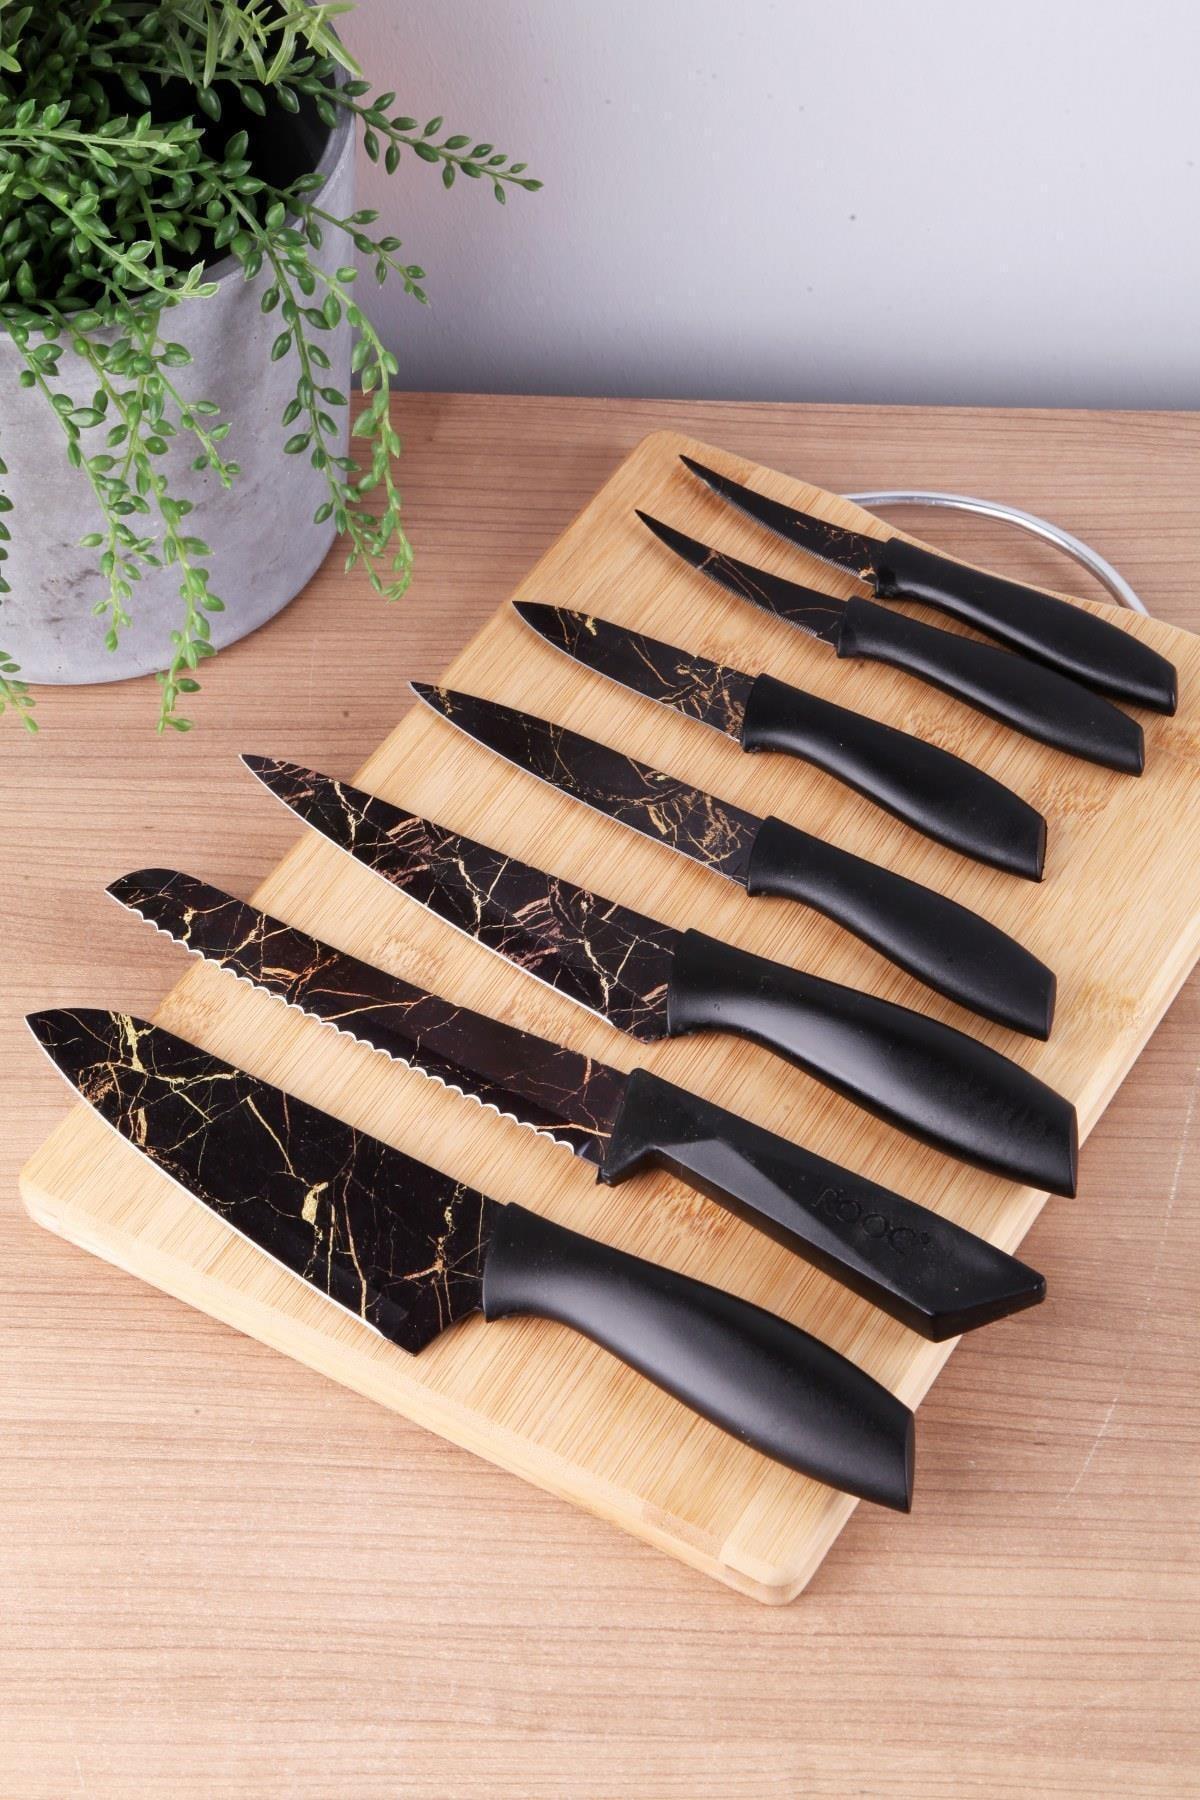 Siyah Mermer Bıçak Set 7 Adet